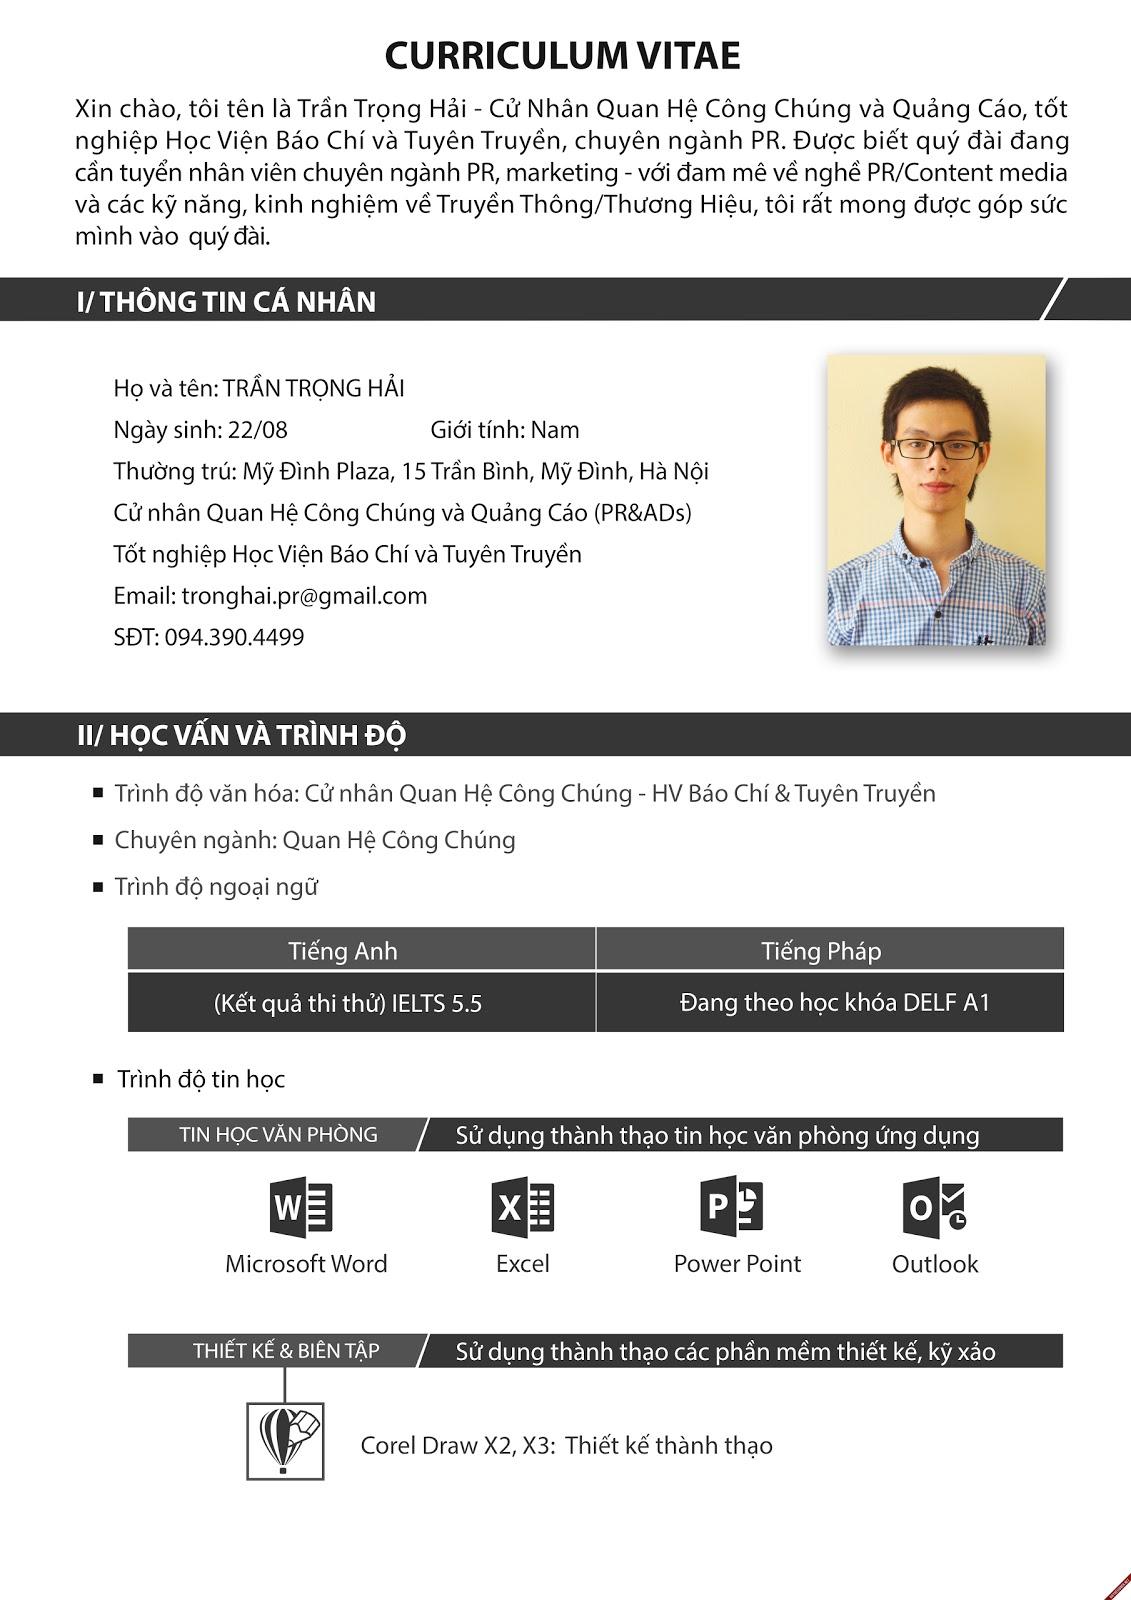 #2 Chia sẻ CV ấn tượng của cử nhân Quan Hệ Công Chúng và Quảng Cáo